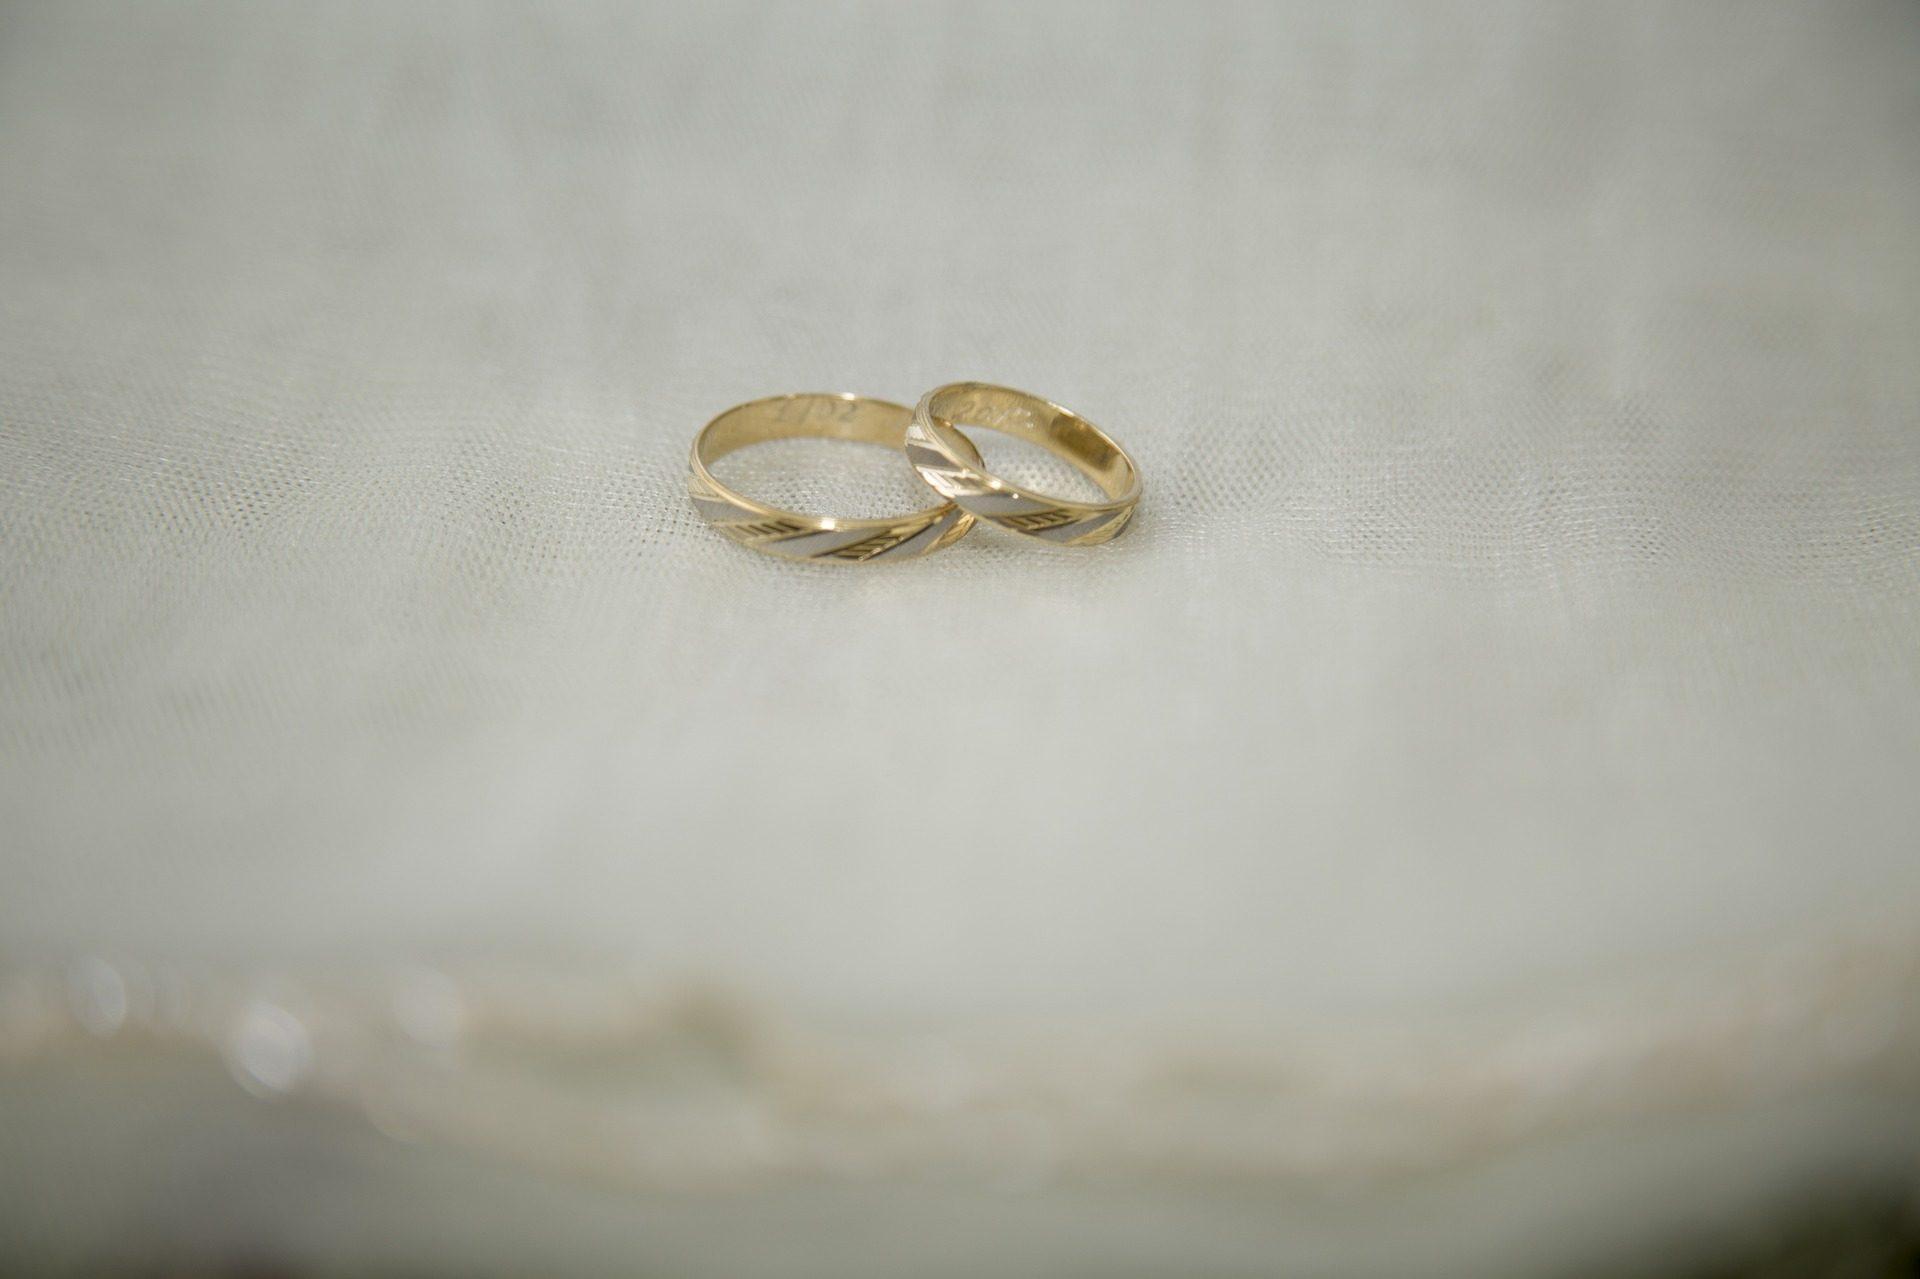 anillos, boda, enlace, compromiso, joyas, celebración - Fondos de Pantalla HD - professor-falken.com